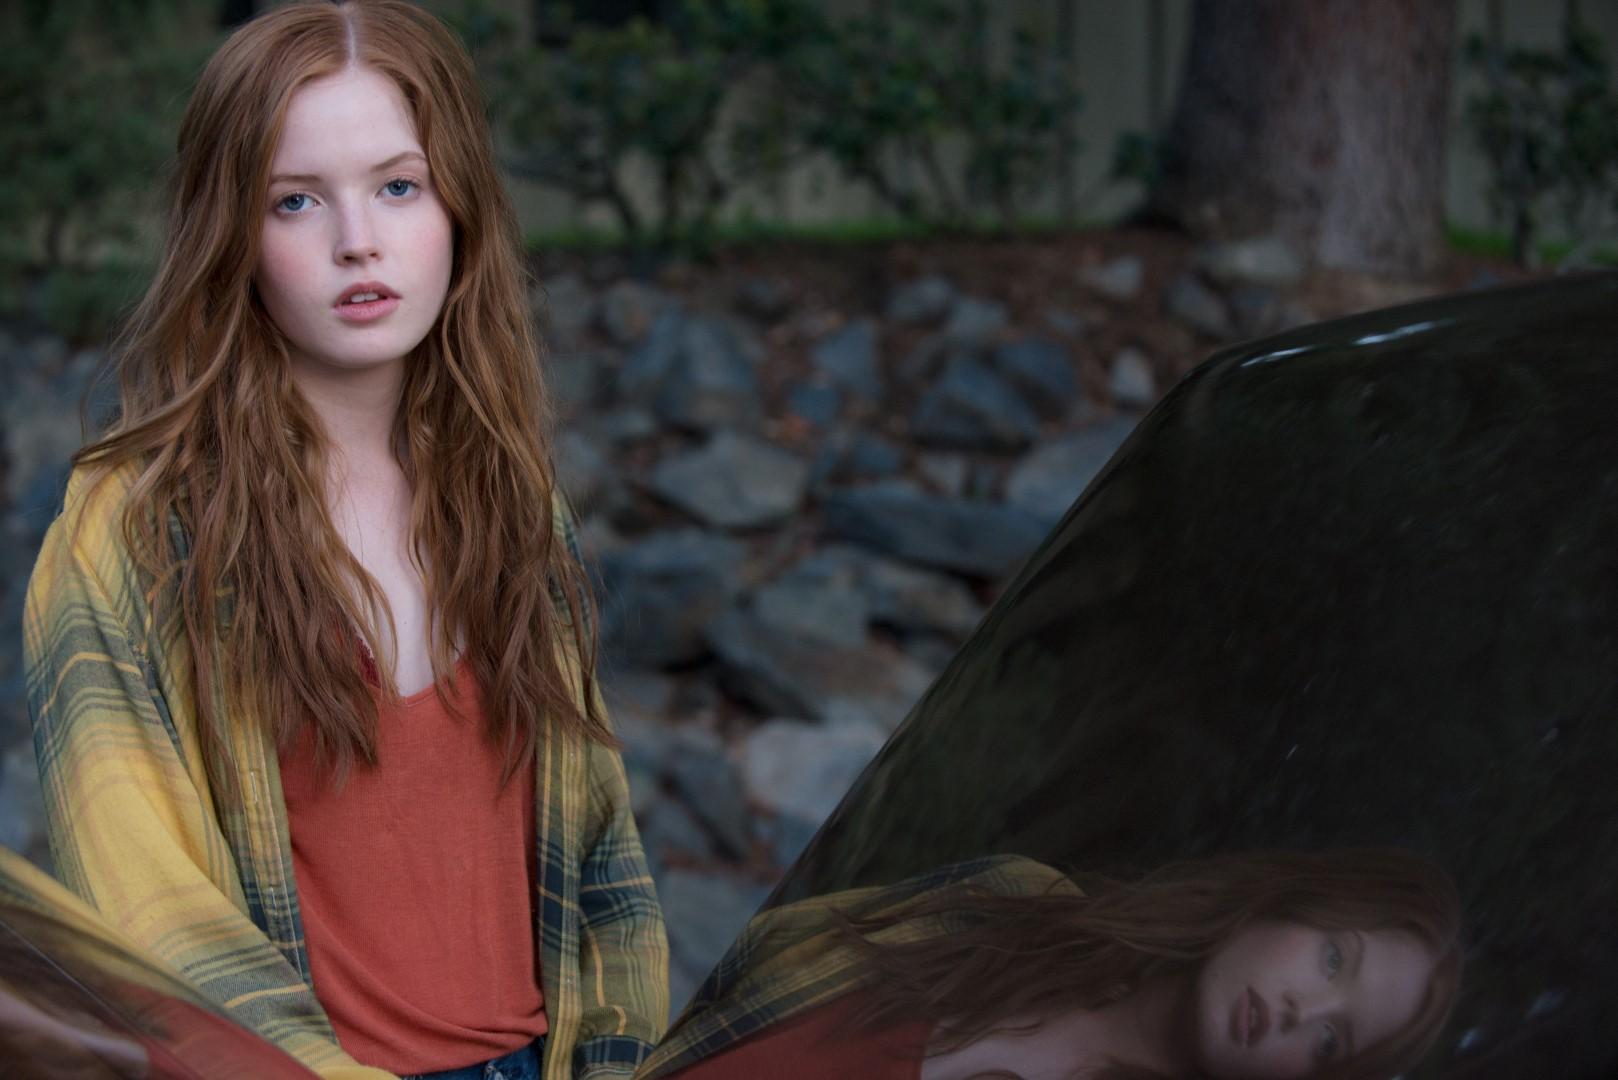 Ellie Bamber as India Hastings.